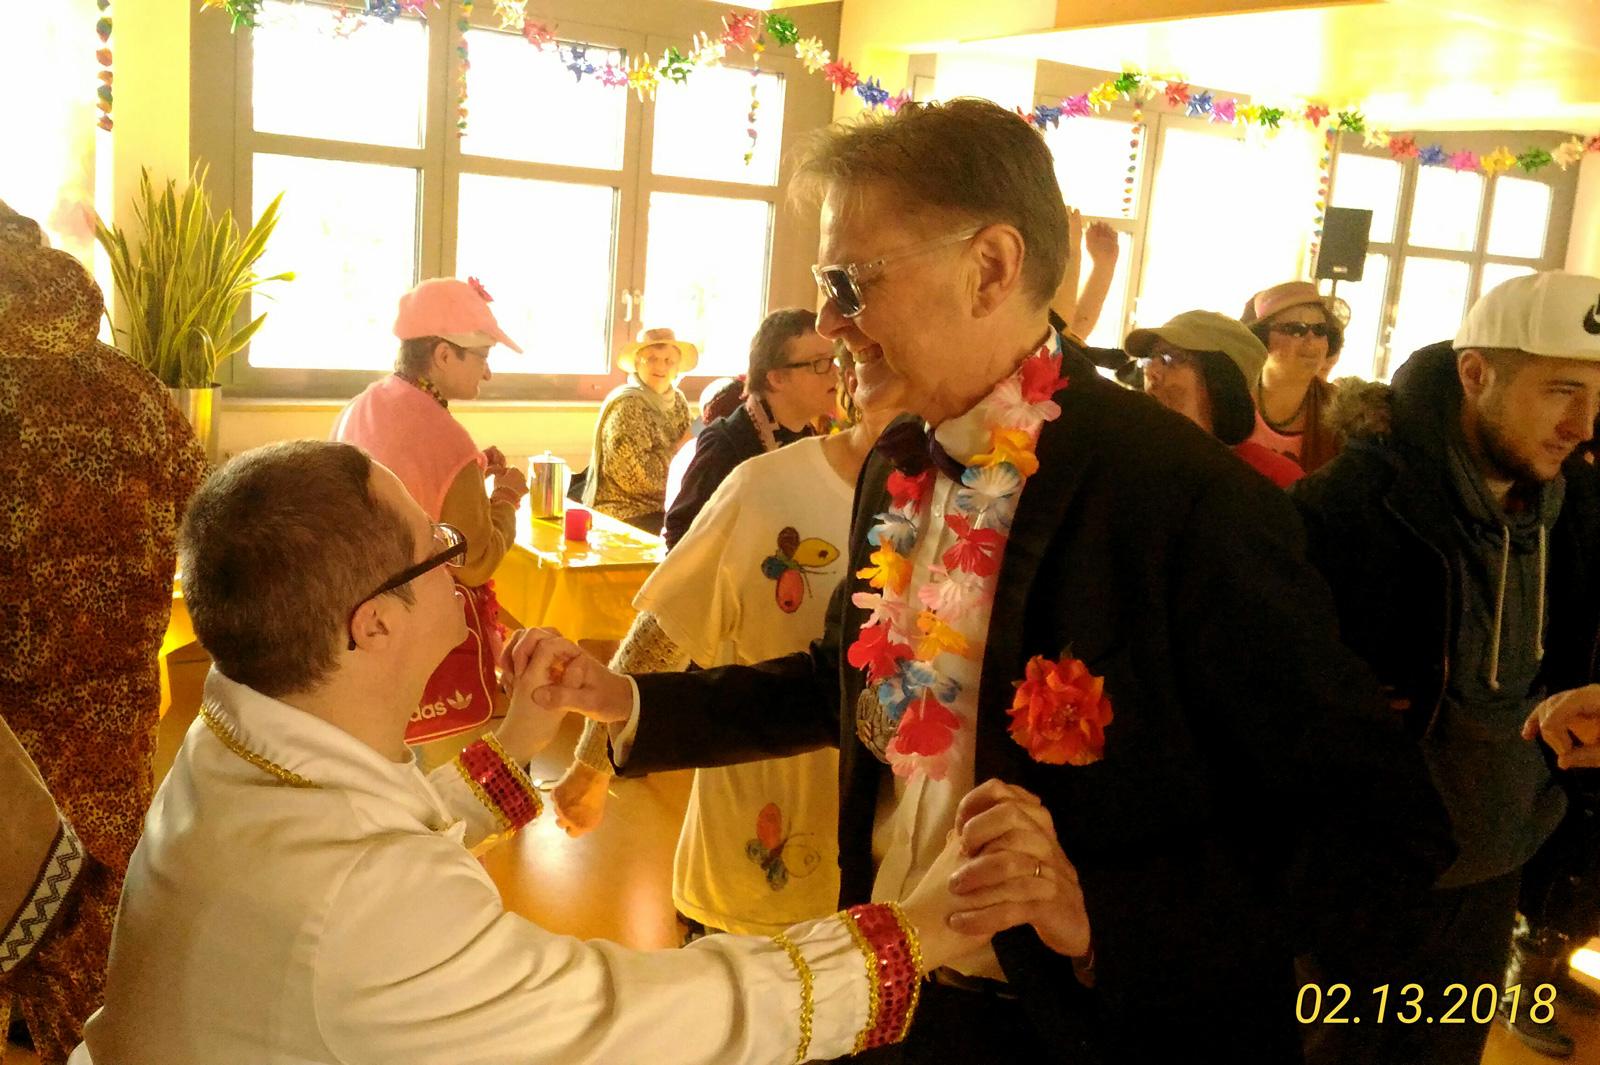 Michi Odörfer und Norbert Dünkel beim Tanz – die Karnevalisten von Hilaritas heizten ein und sorgten bei der Lebenshilfe in Schönberg für eine tolle inklusive Kehraus-Party